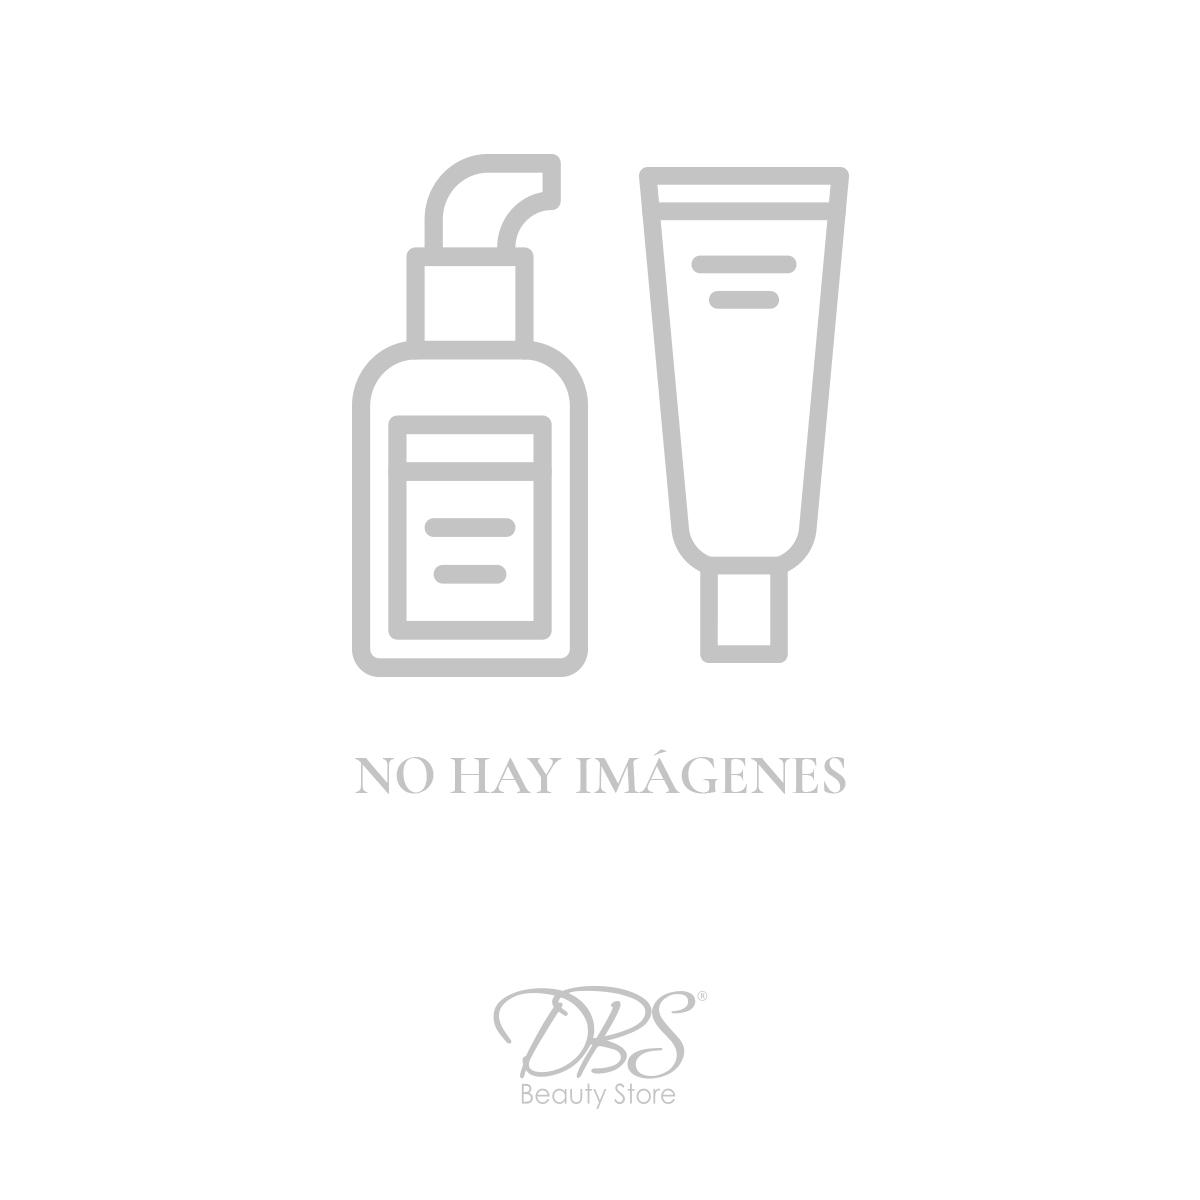 Shampoo Frambuesa Y Acai 280 Ml